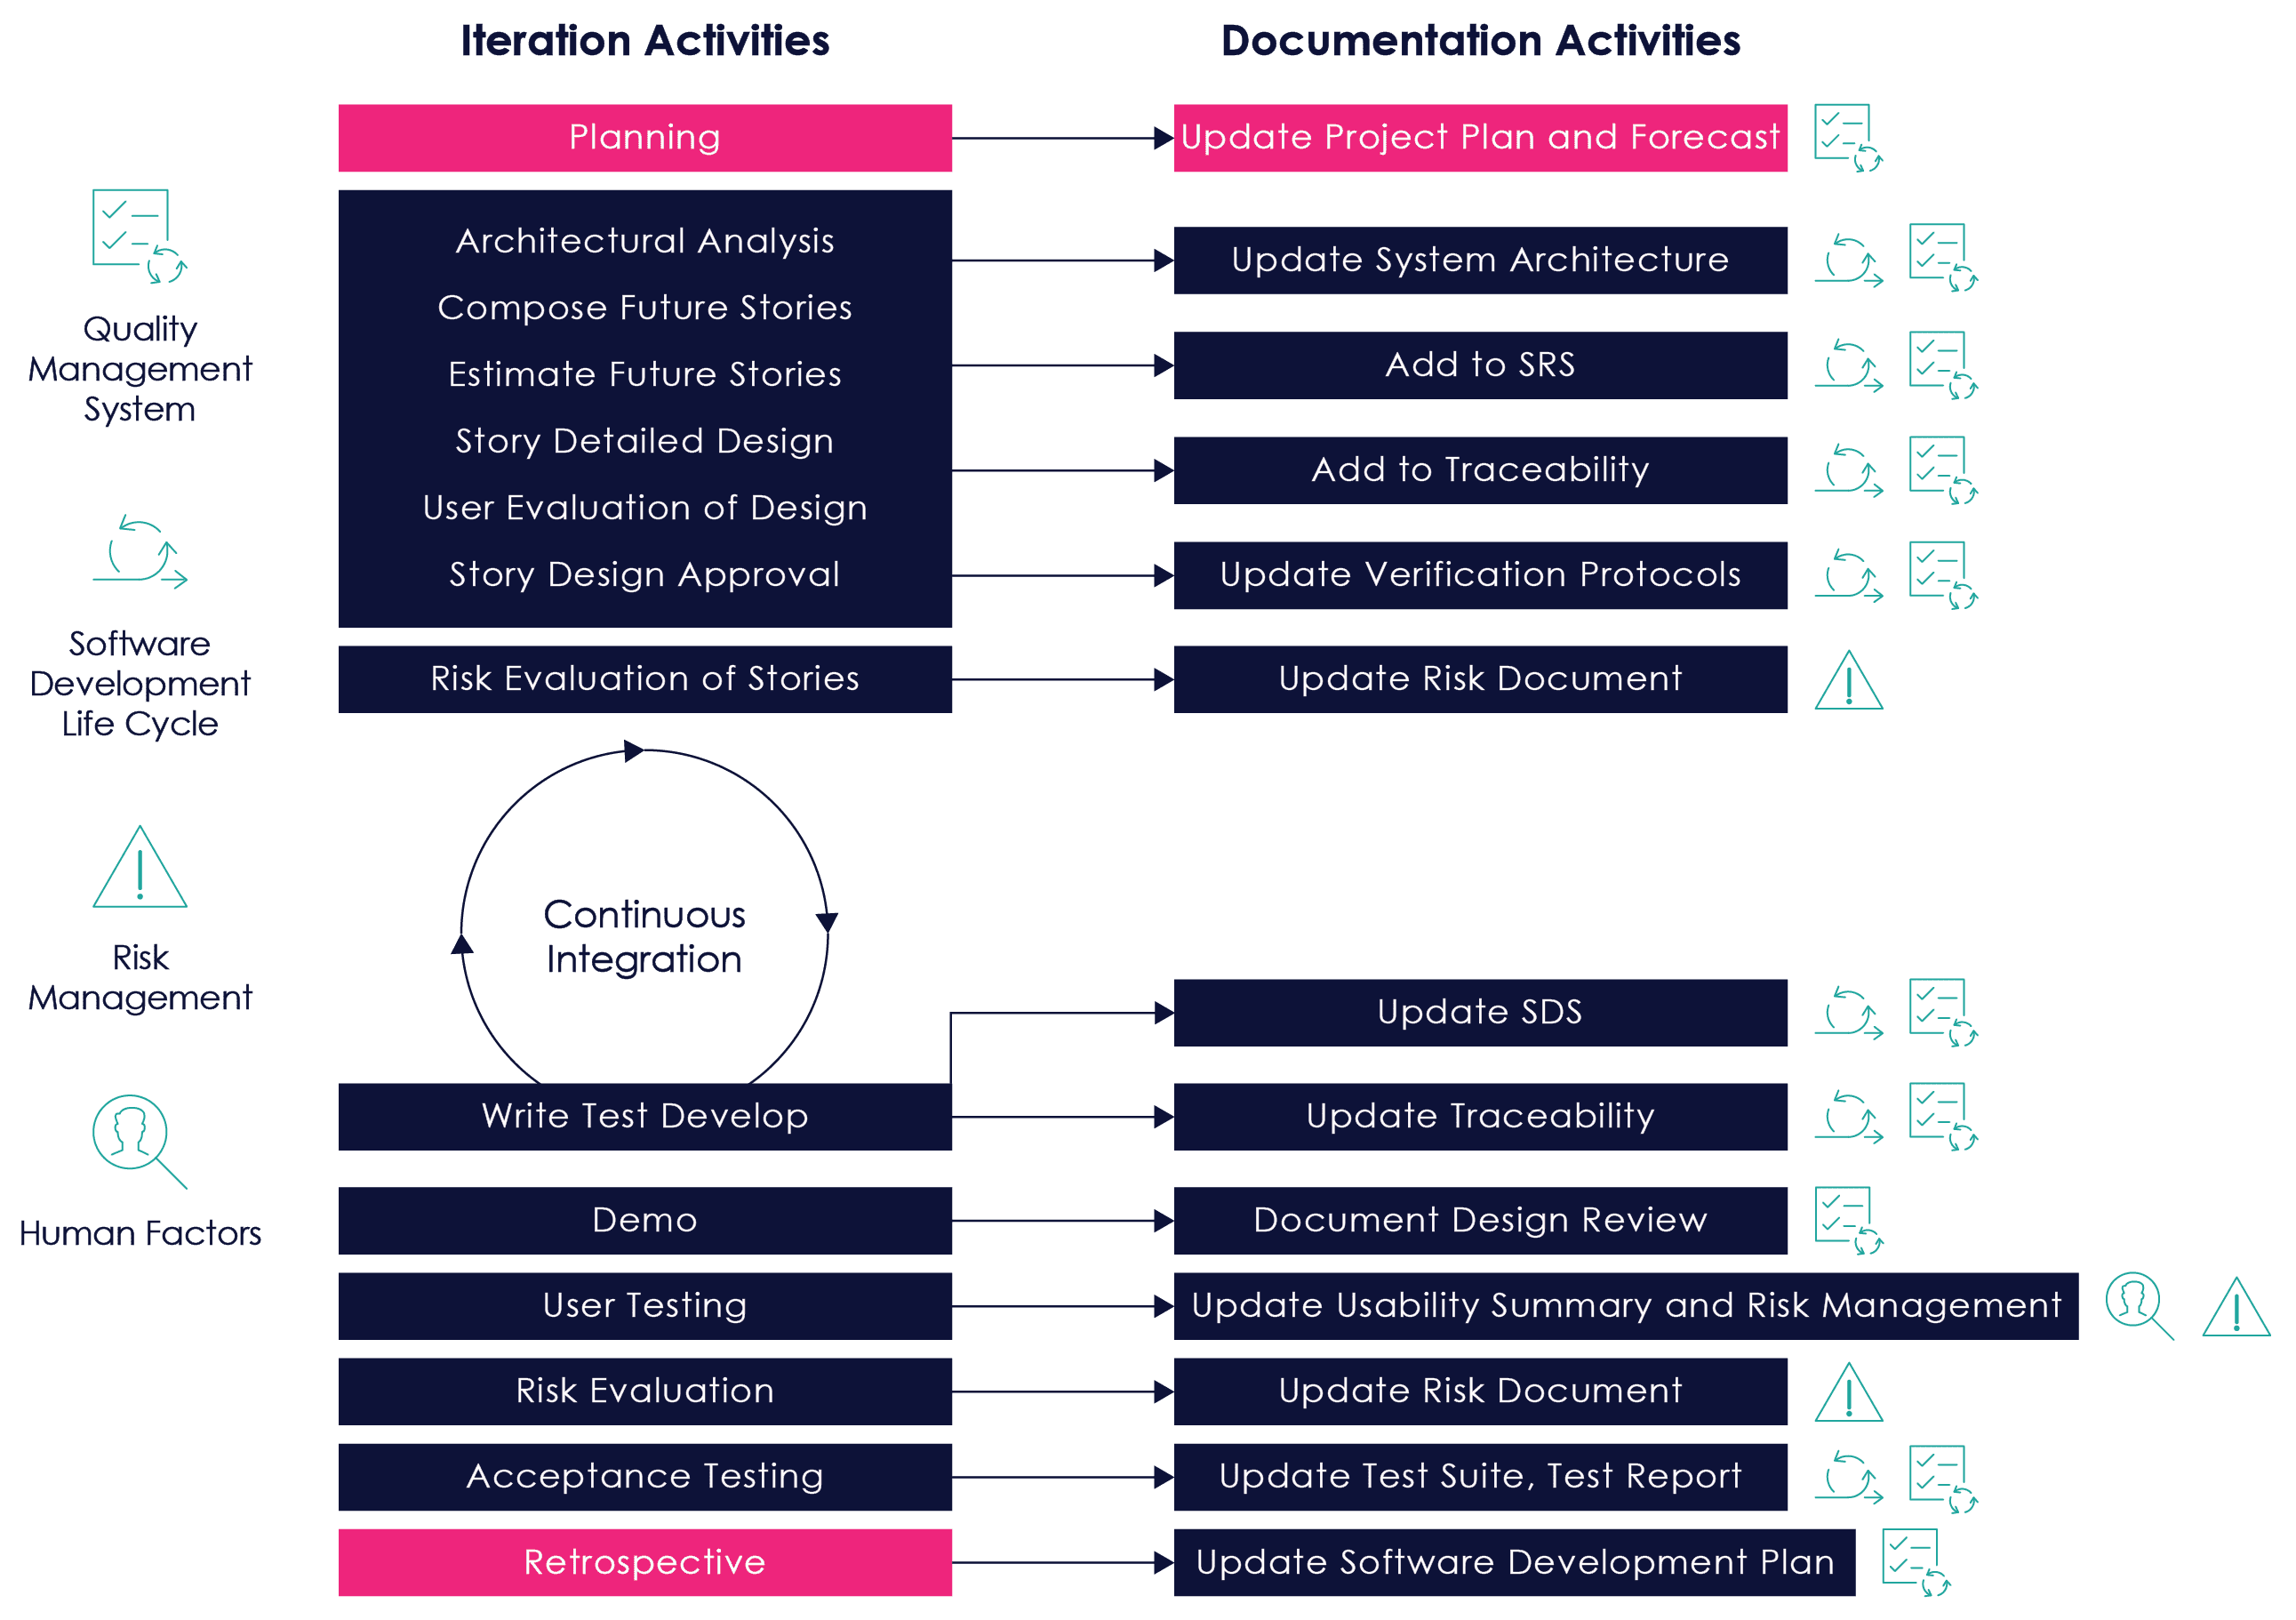 /Users/lichen/Desktop/eBook_graphs_9.activities.png